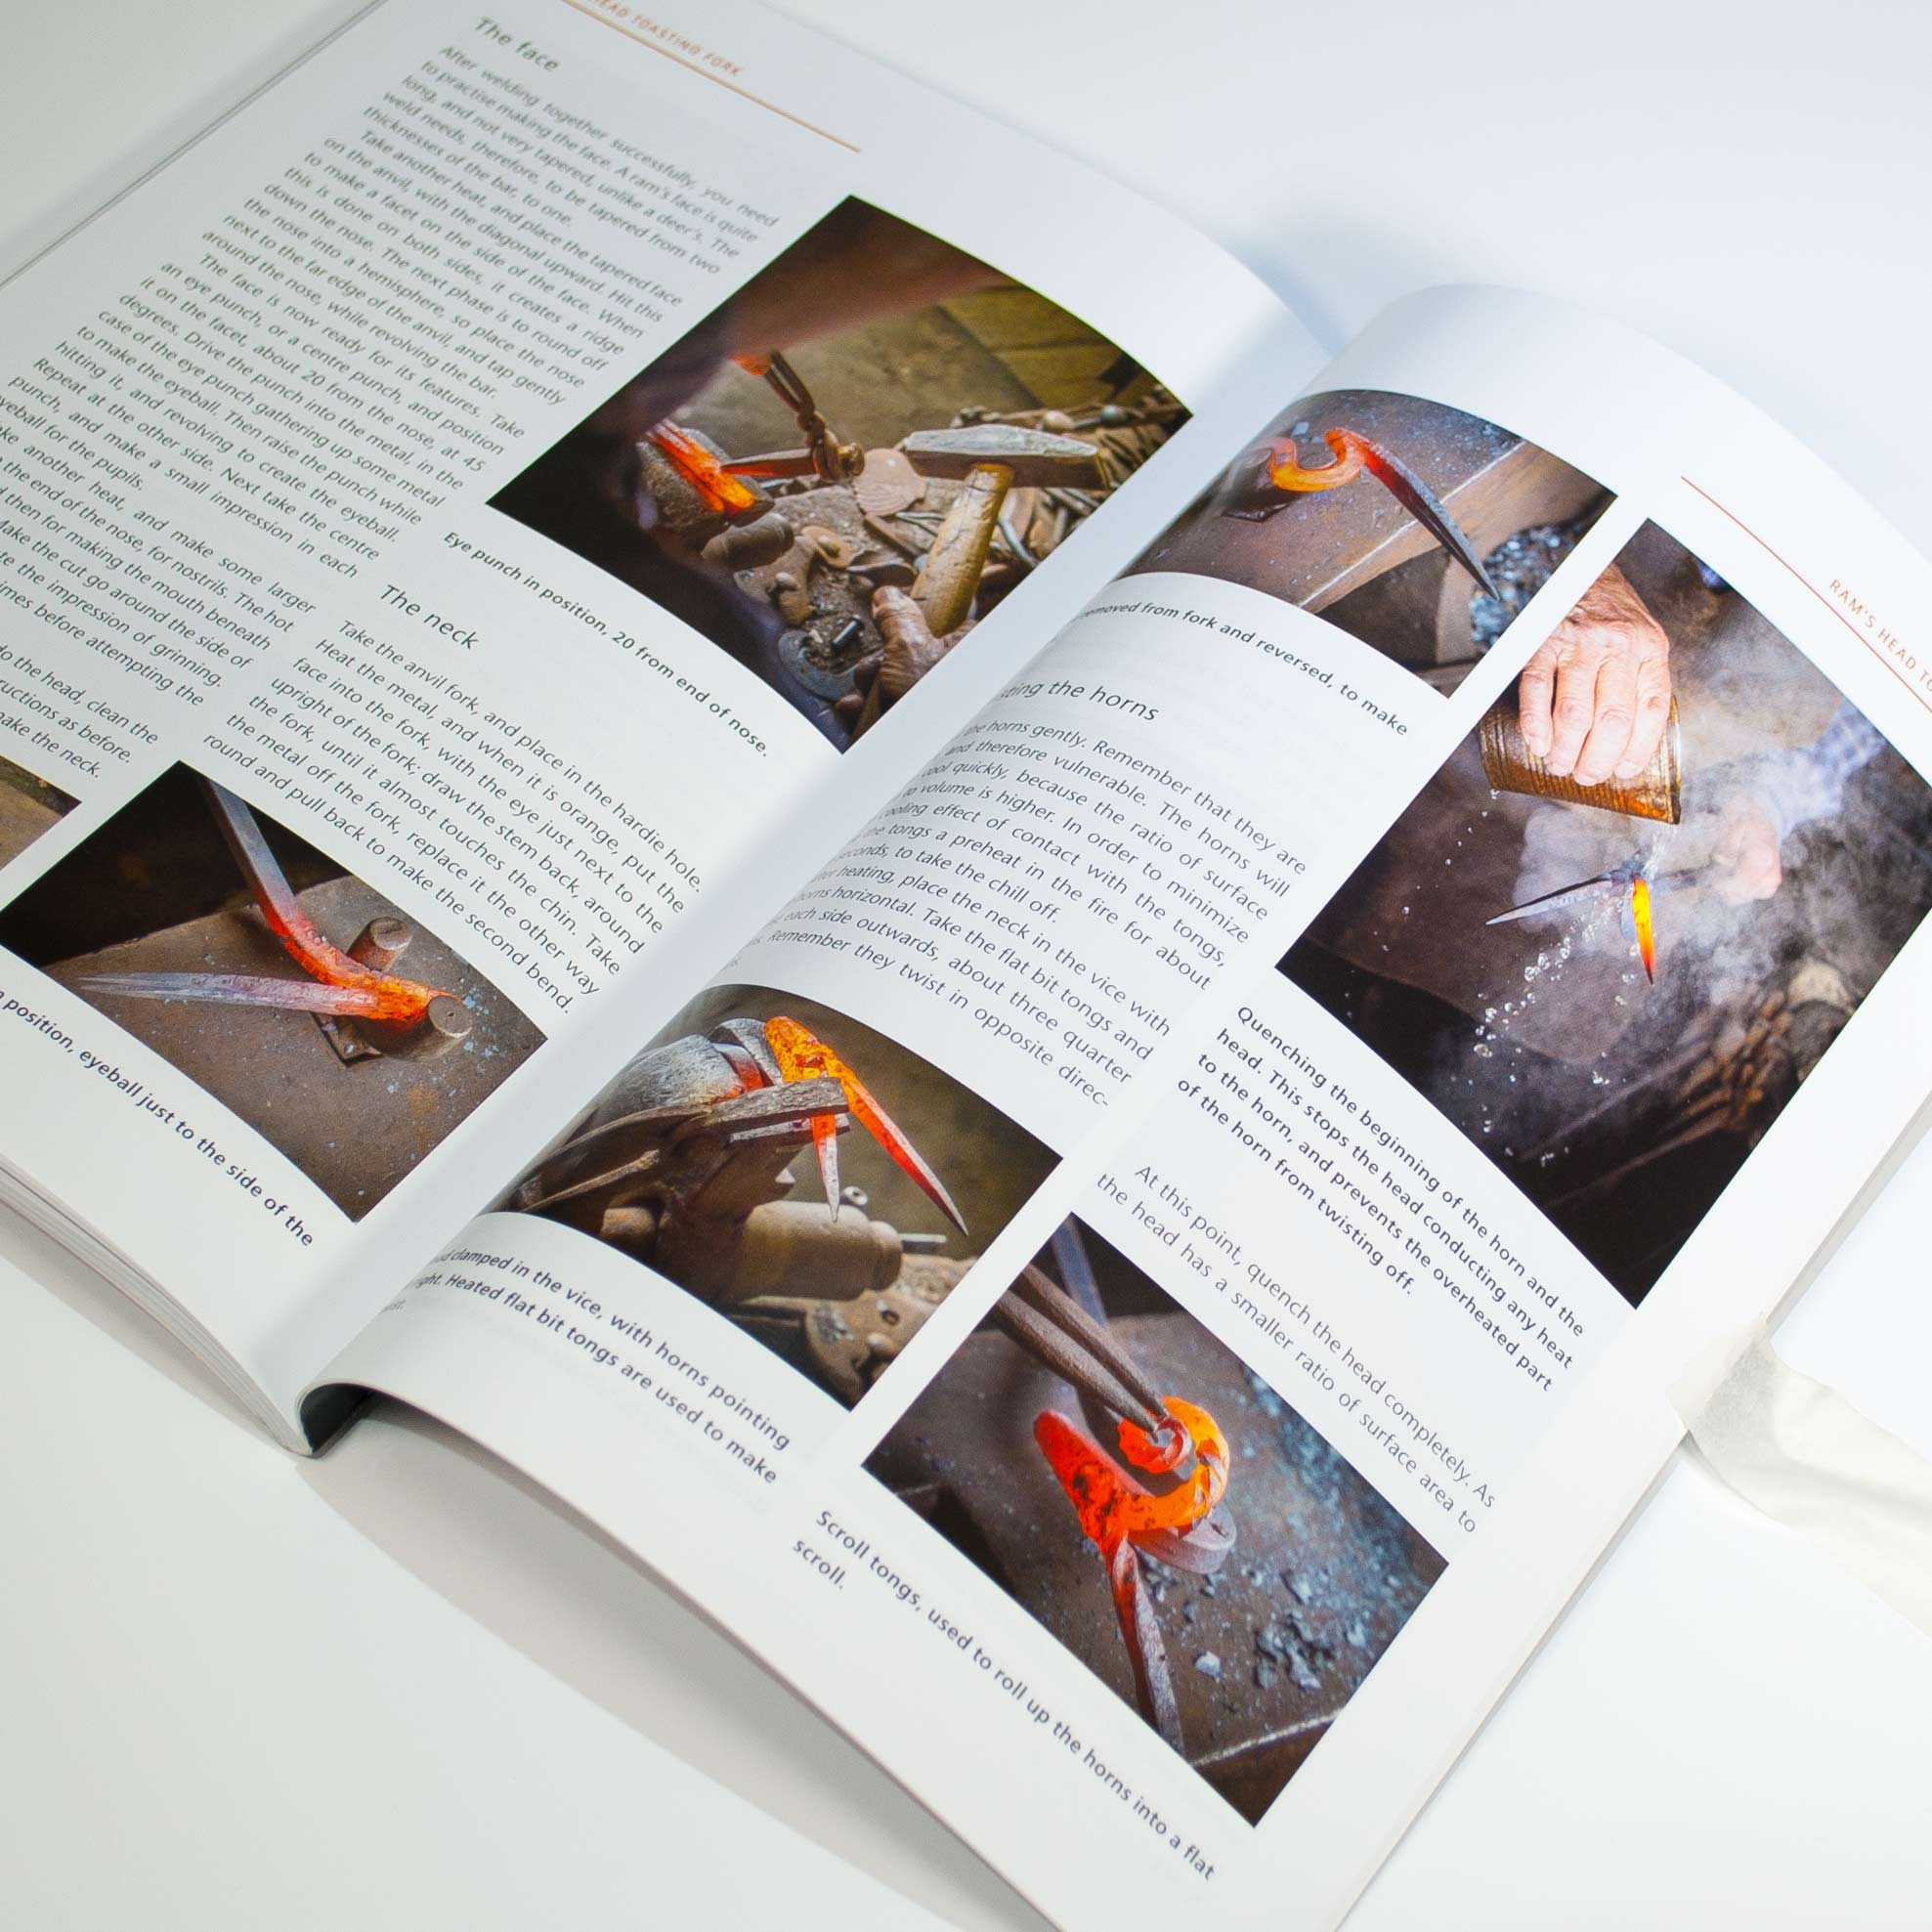 book1_6737.jpg